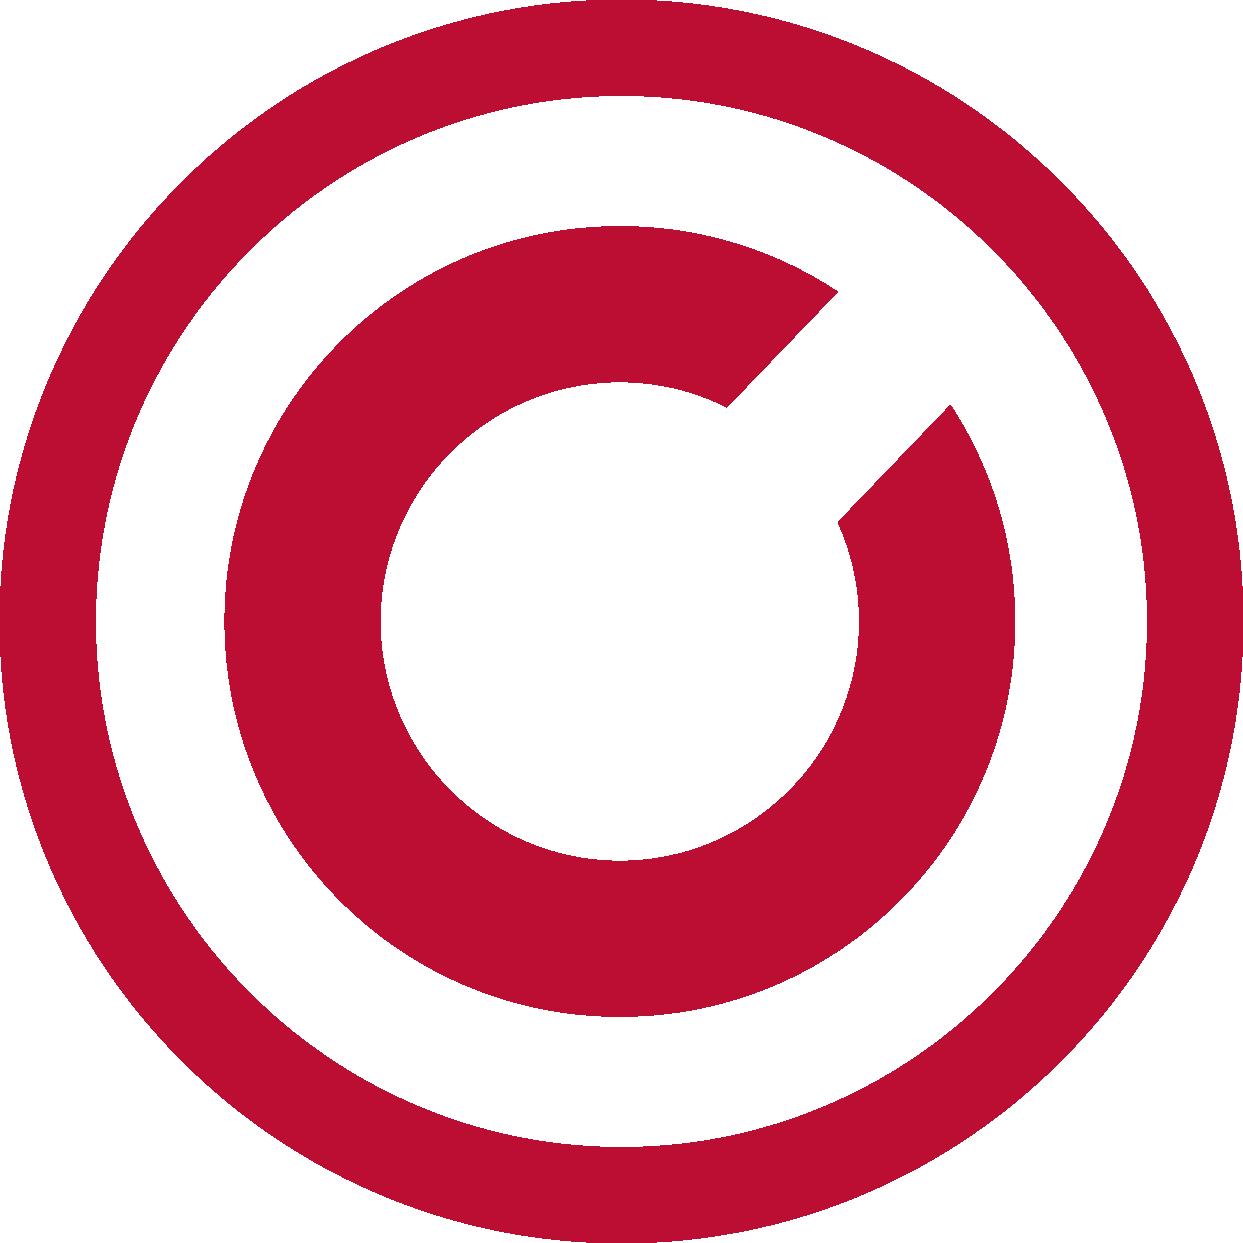 logo logo 标志 设计 矢量 矢量图 素材 图标 1243_1243